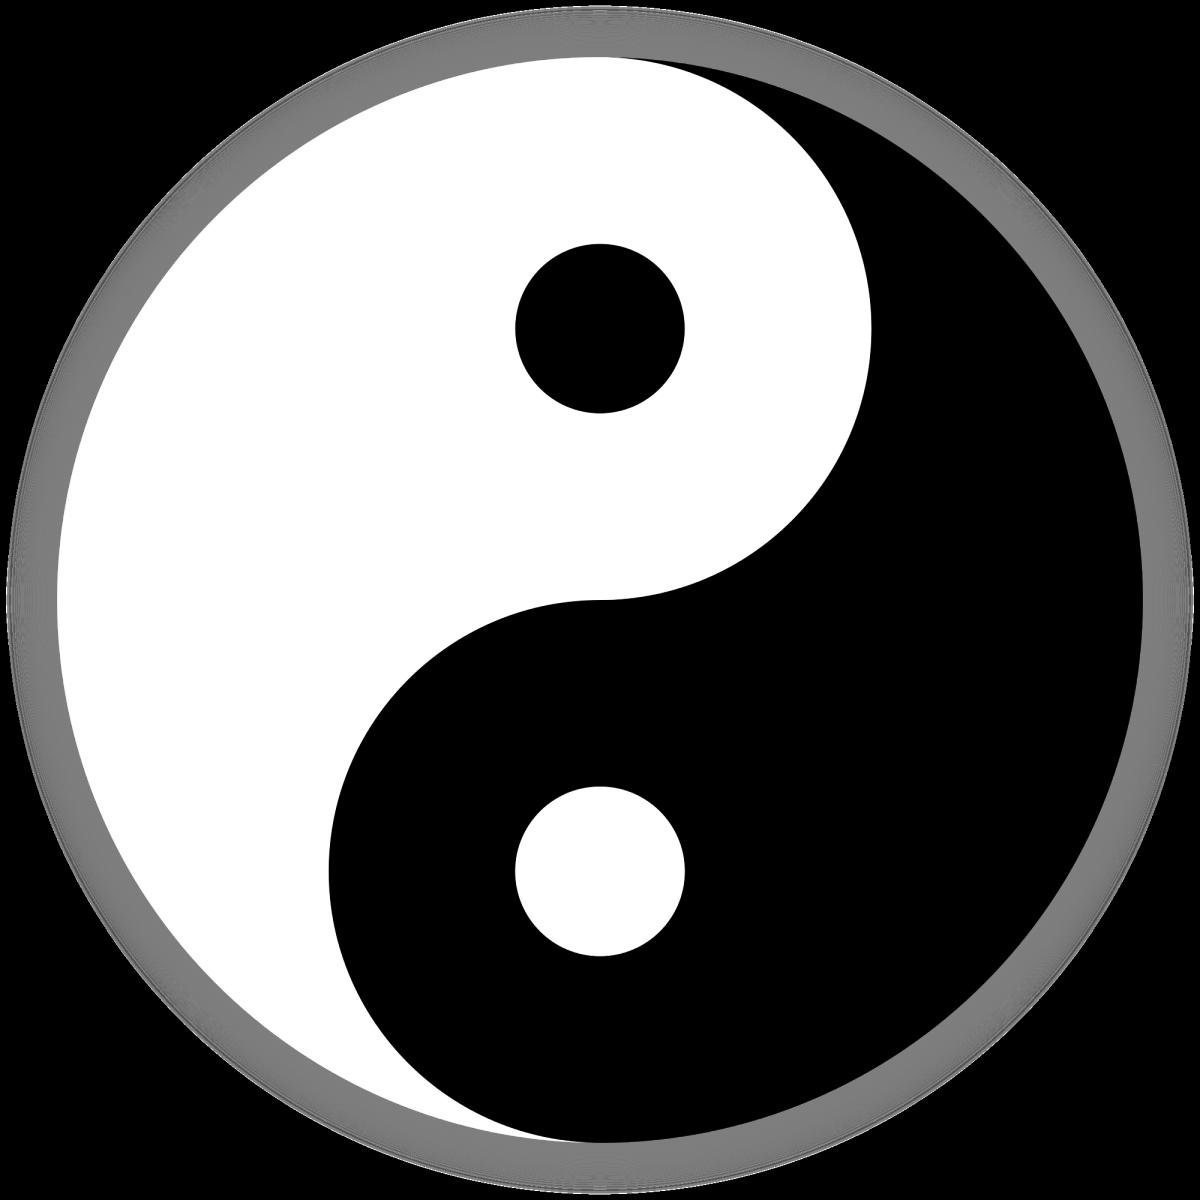 The yin-yang symbol from China